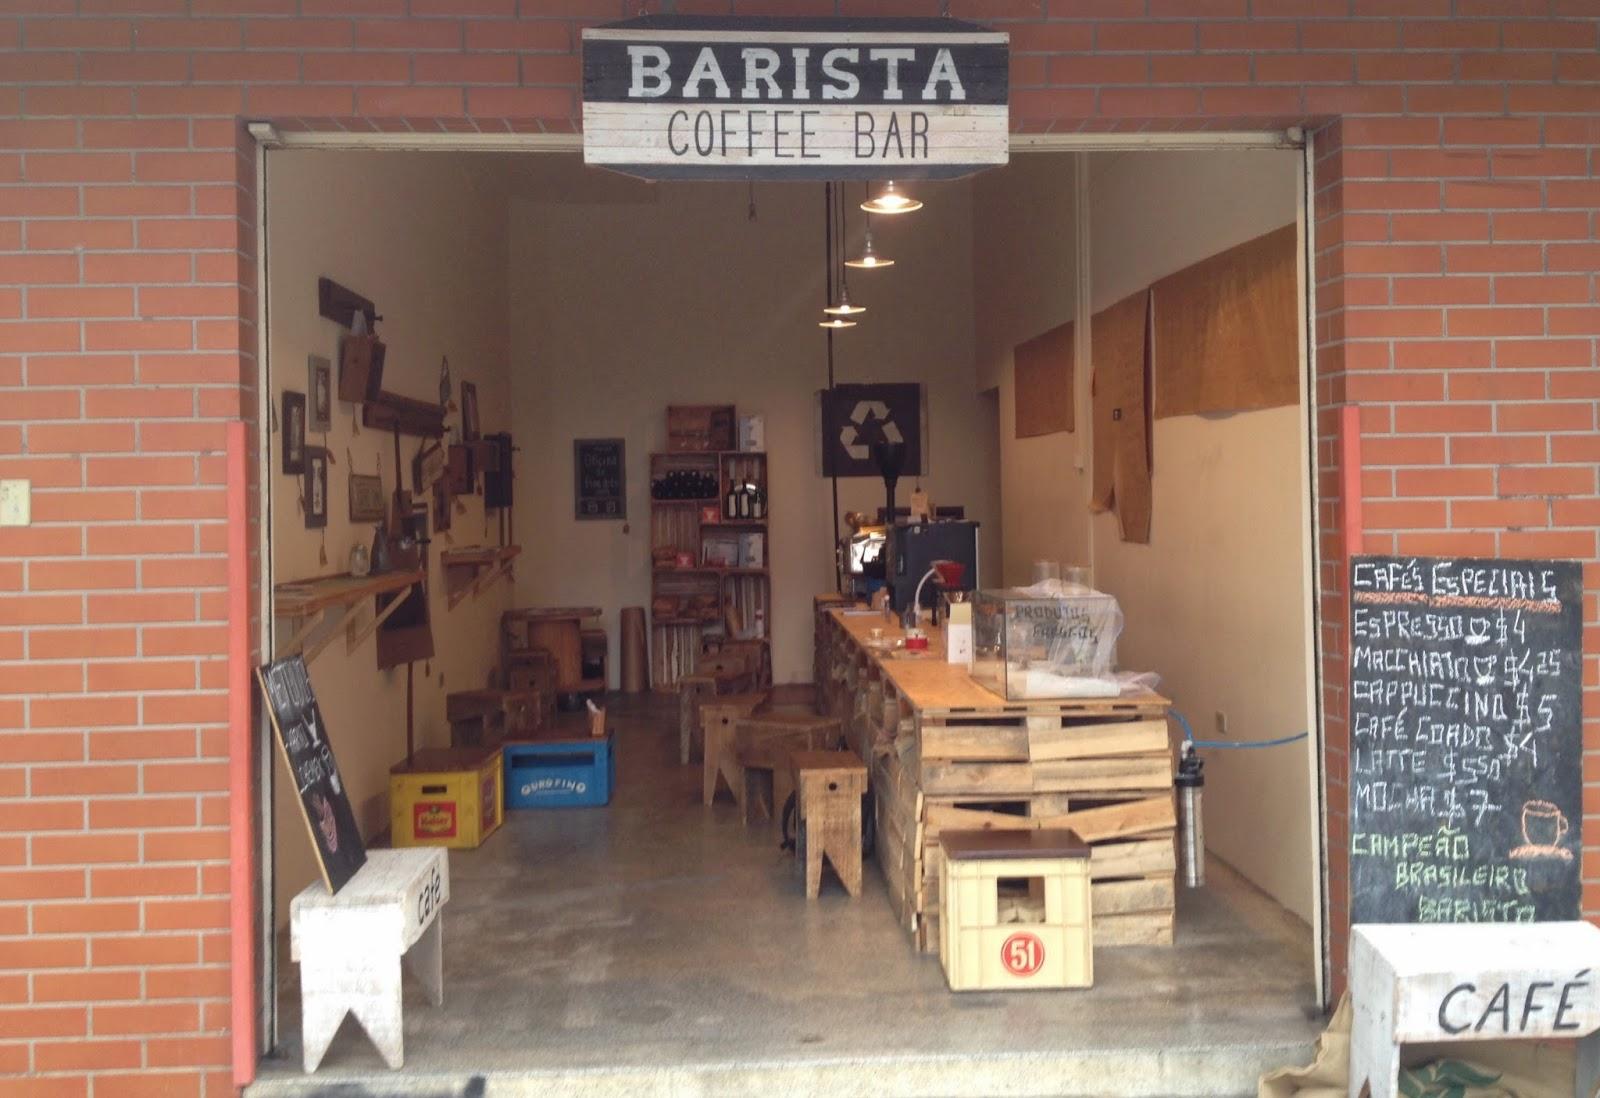 7 Barista Coffee Bar 10 Lugares Indispensáveis Em Curitiba Suposto Escritor